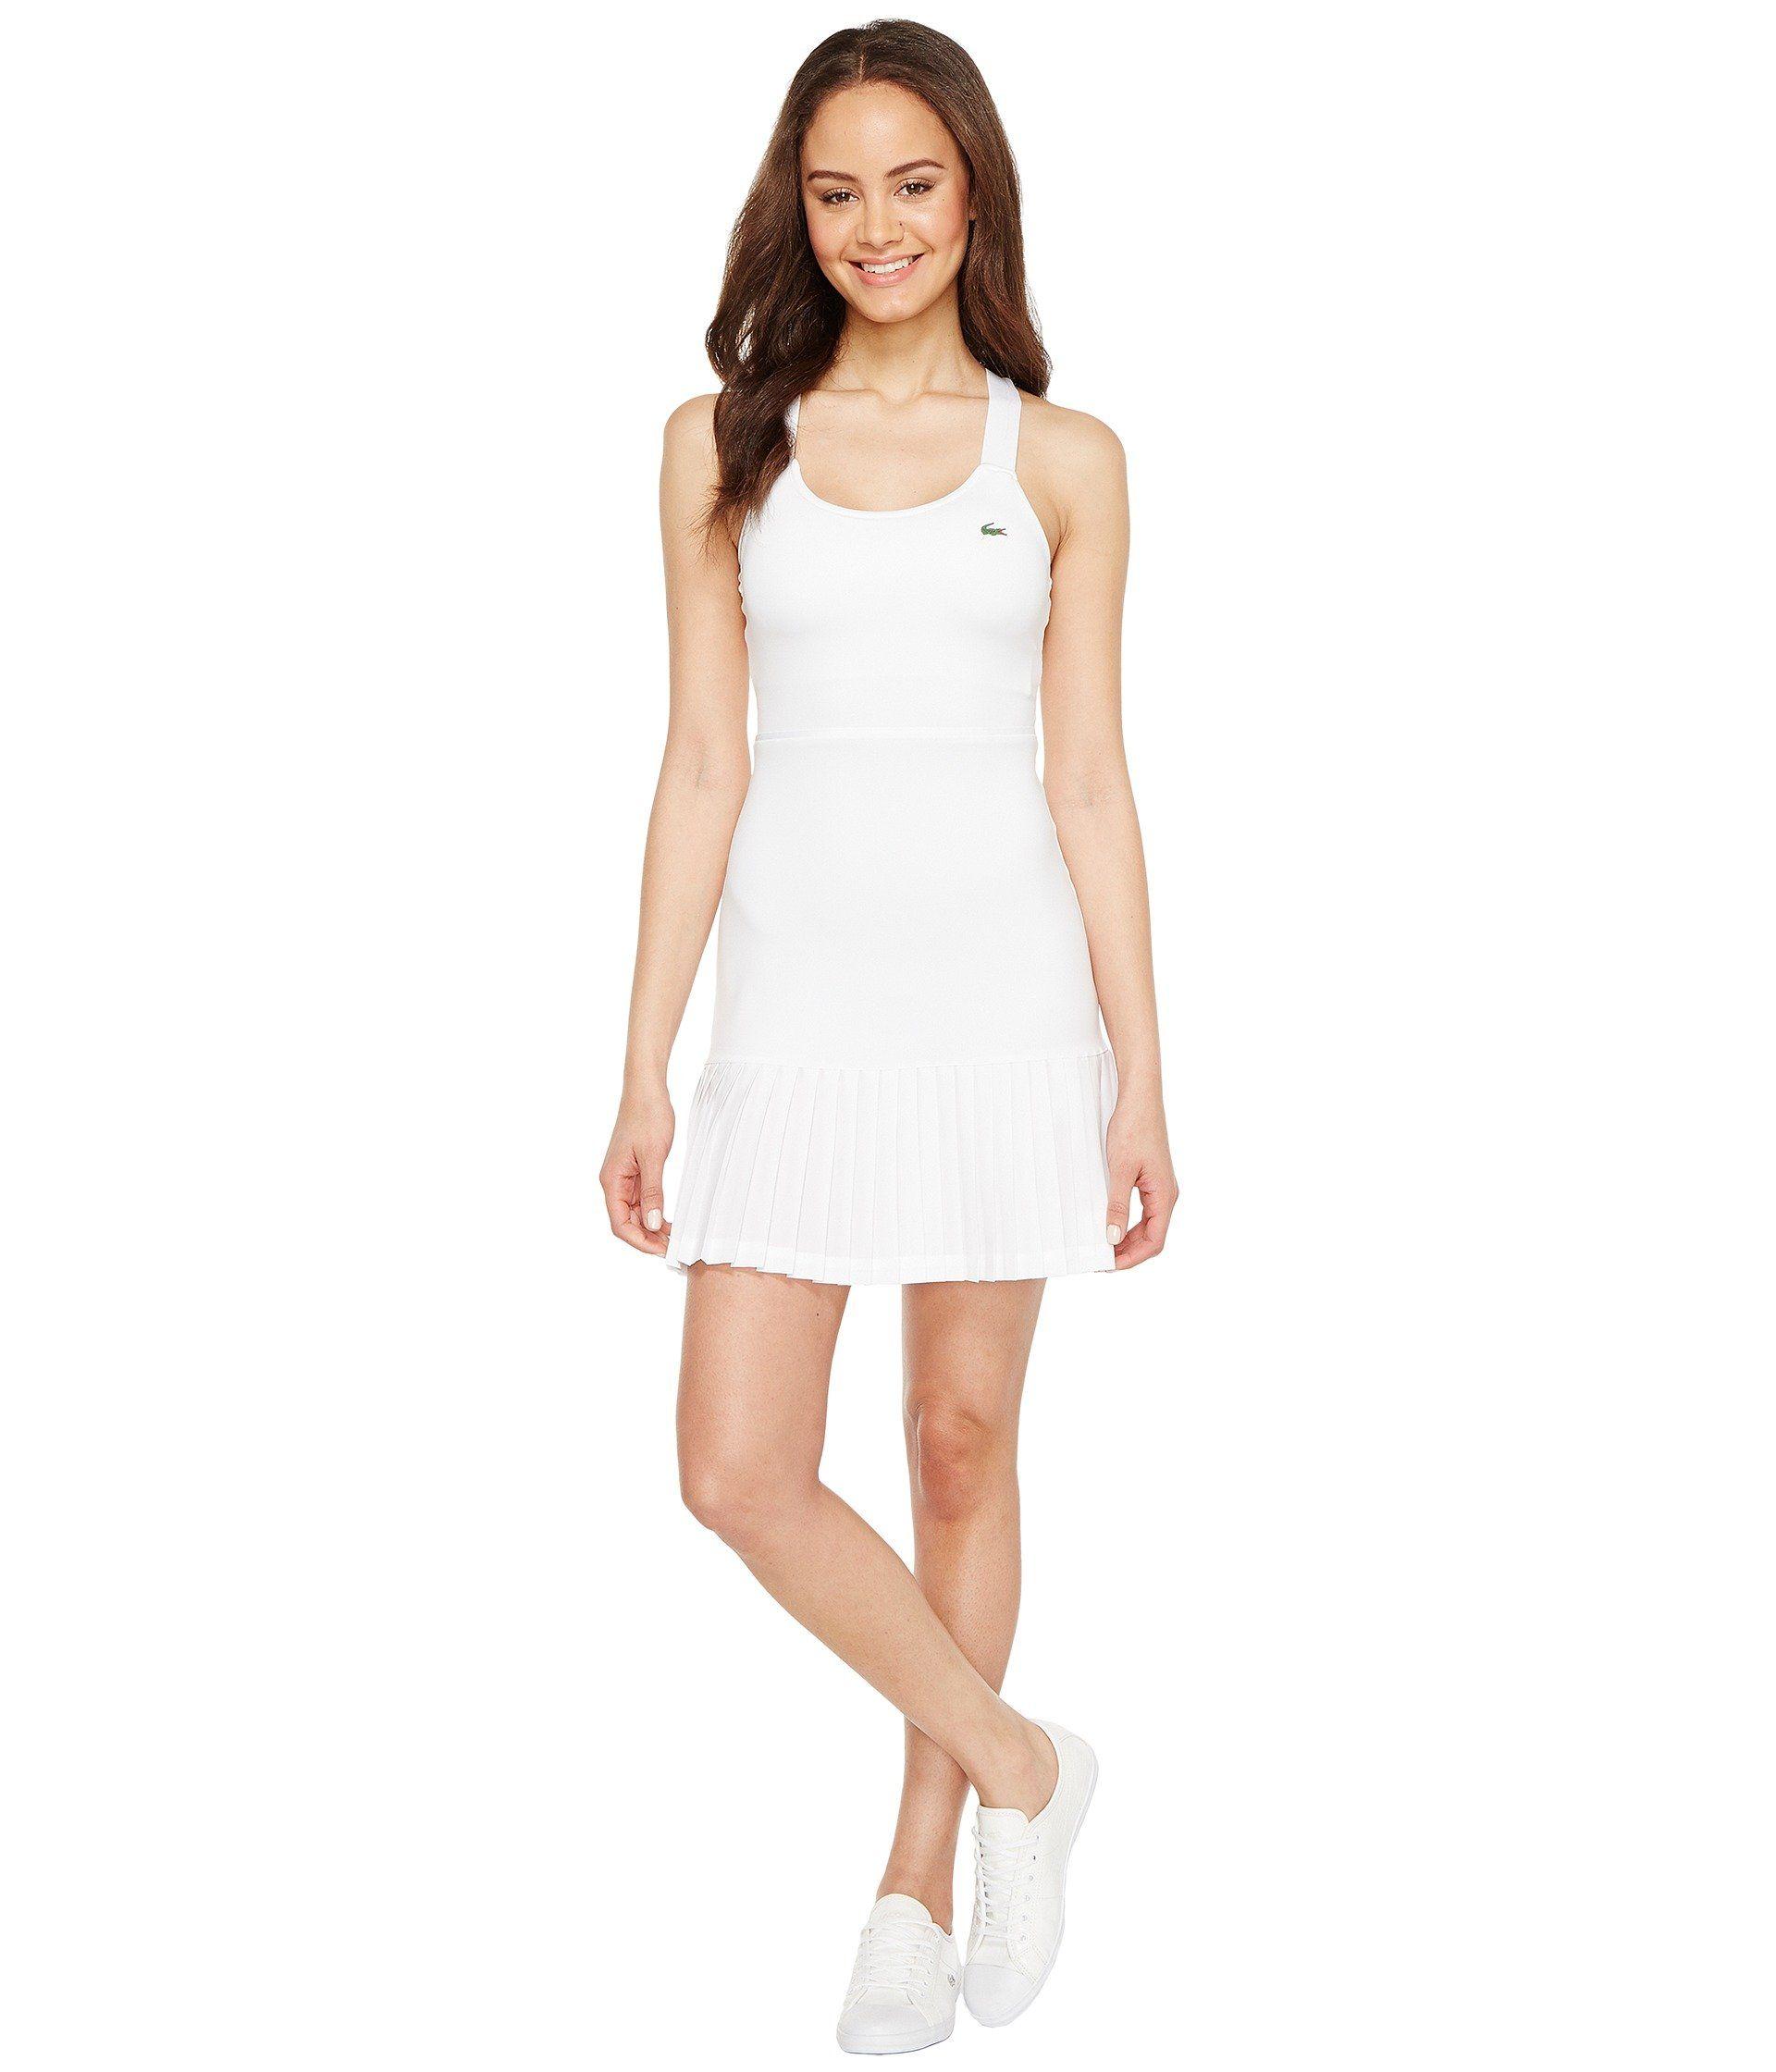 Lacoste Sport Australian Open Tennis Dress Lacoste Cloth Tennis Dress Lacoste Tennis Dress Clothes For Women [ 2240 x 1920 Pixel ]